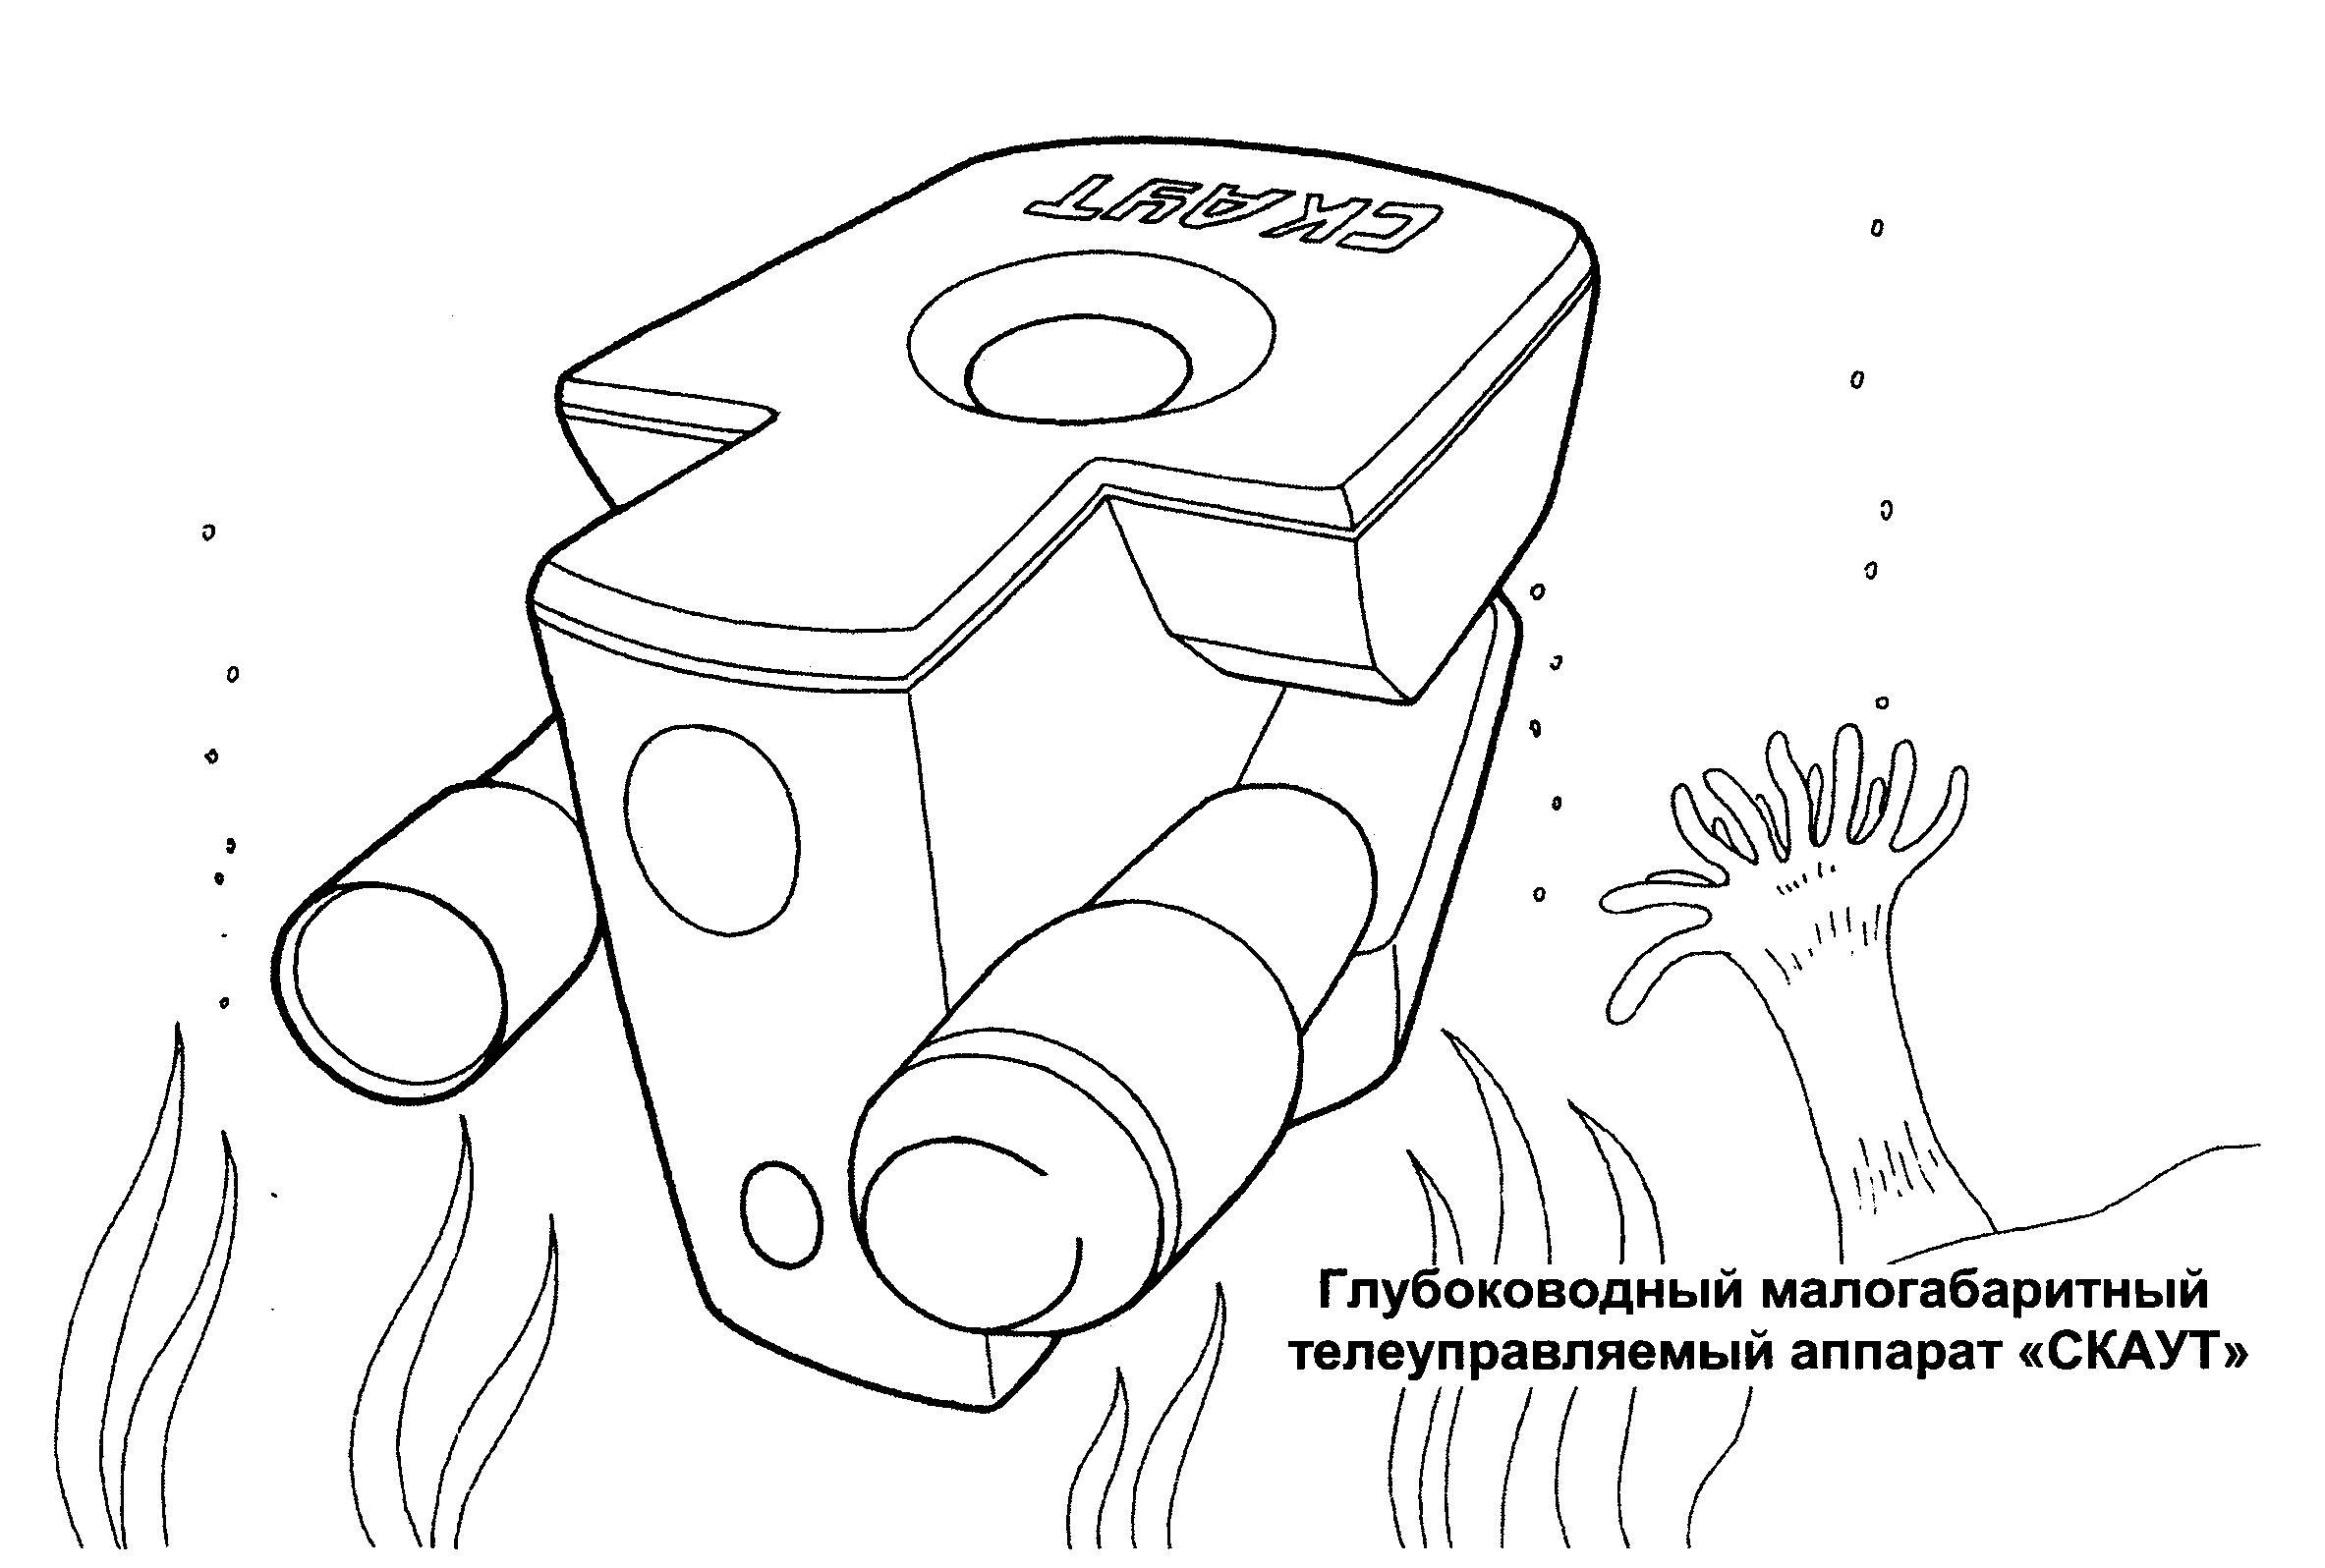 Раскраски корабли, подводные лодки, аппарат скаут